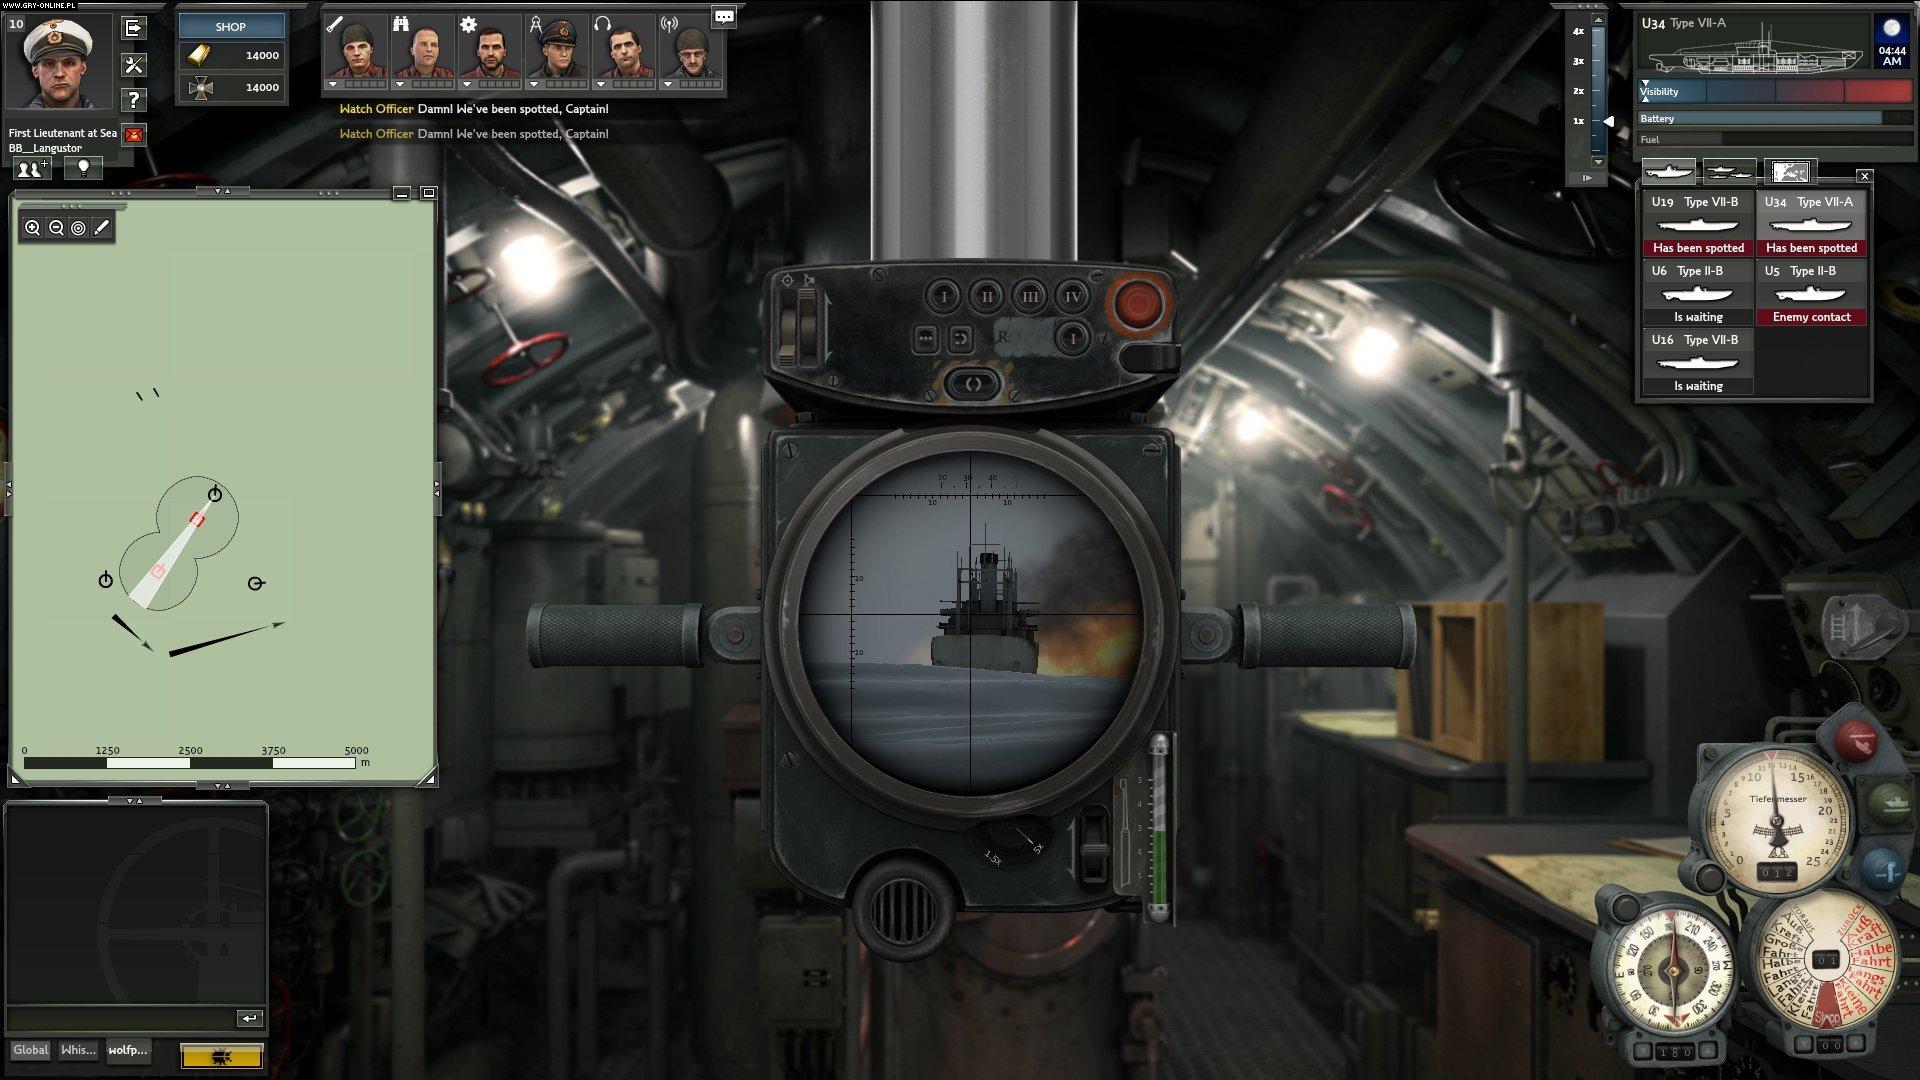 silent hunter online screen z gry 6 8 www ilustracja pochodzi z gry